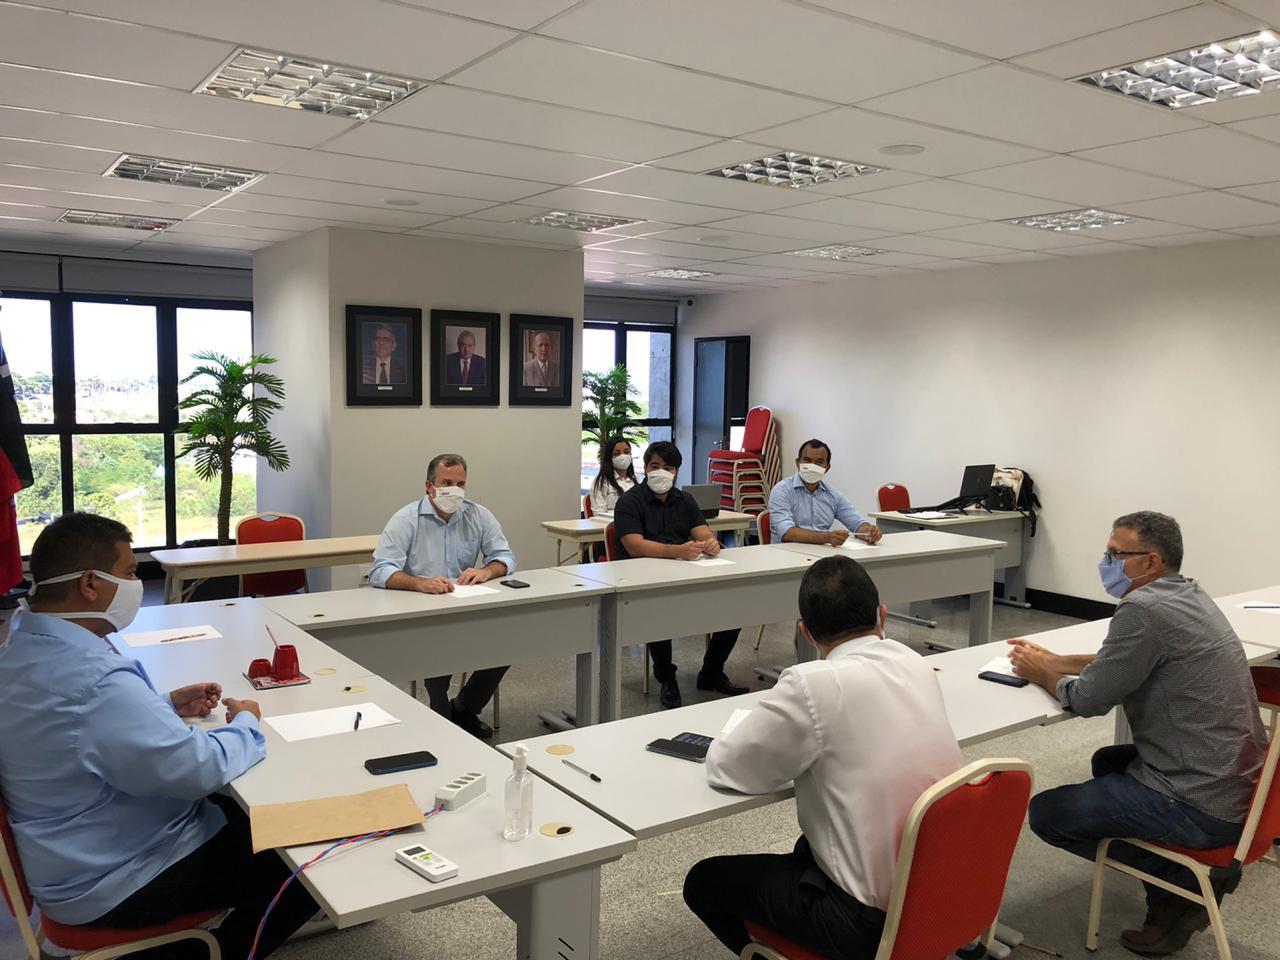 Diretores da FIEMA e SINDUSCON recebem representante da CIMAR para tratar do aumento no preço do cimento